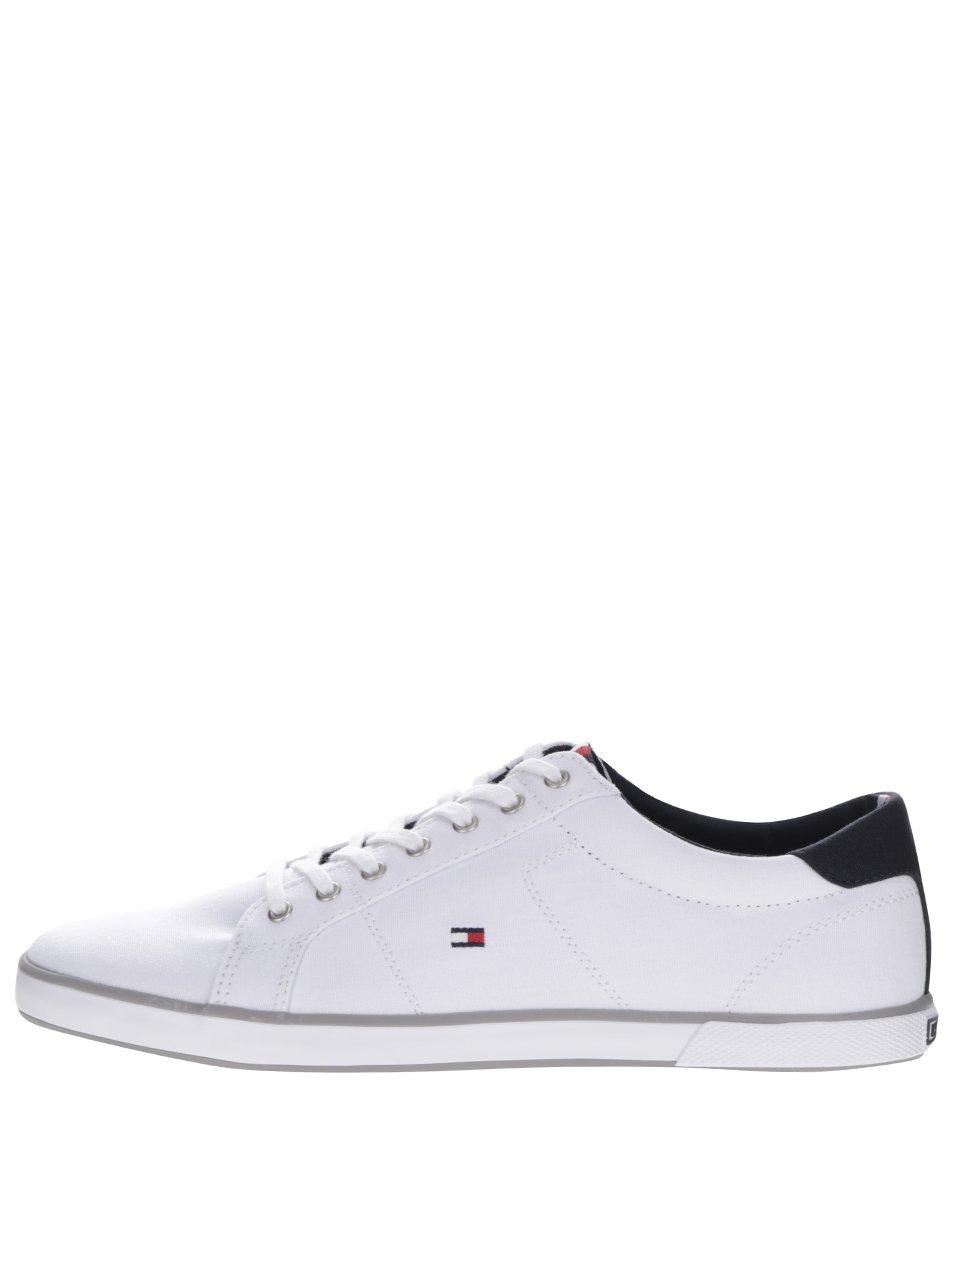 Biele pánske tenisky Tommy Hilfiger  6e828b5aa53